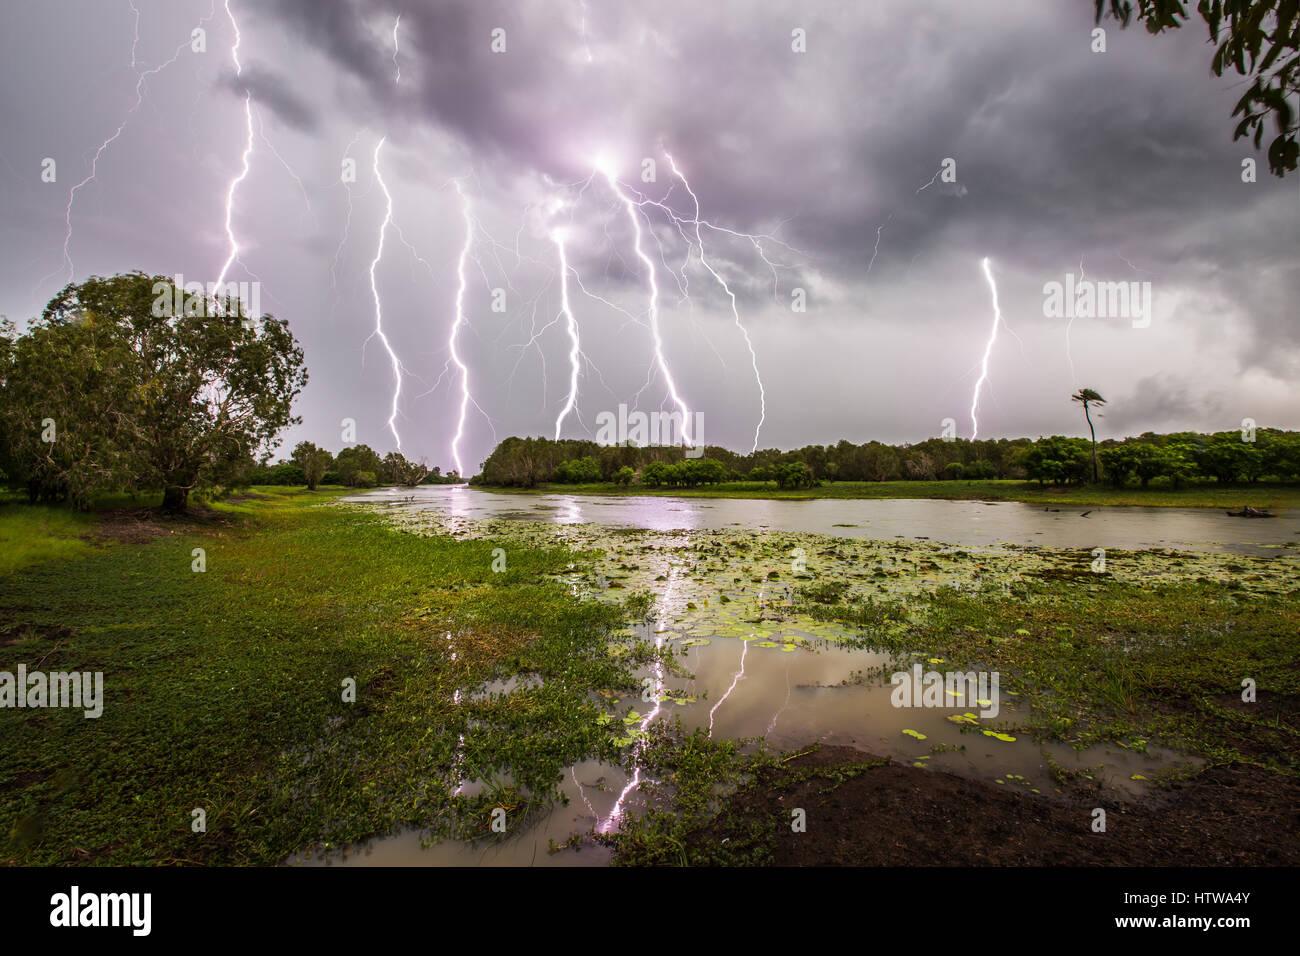 L'éclair - Australie Photo Stock